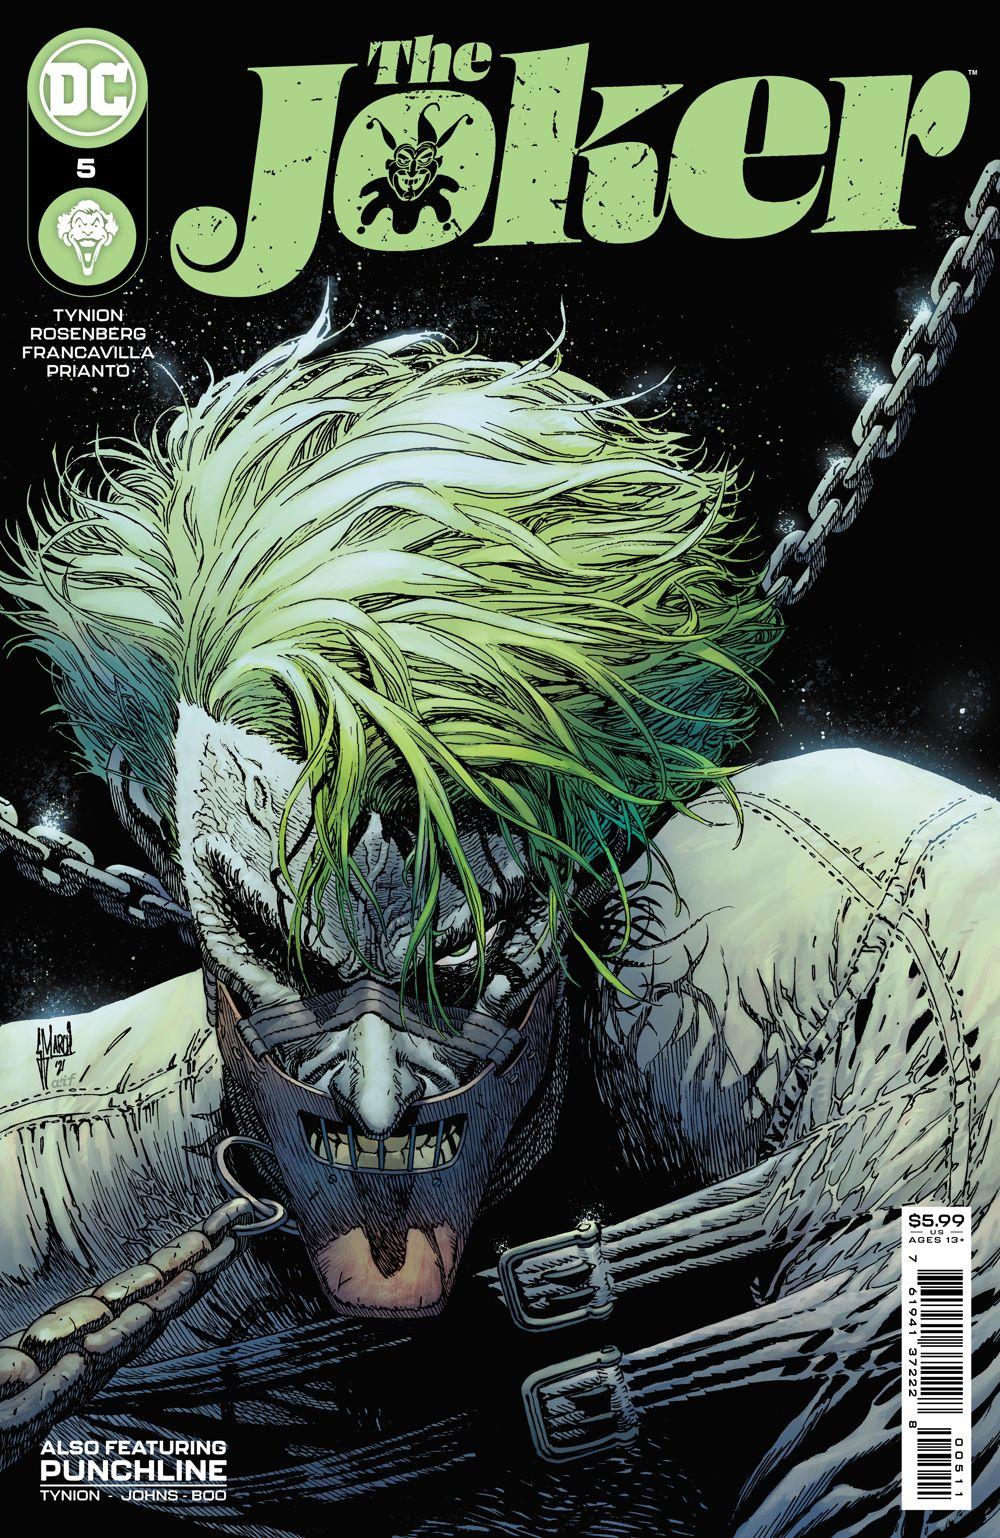 THEJOKER_Cv5 DC Comics July 2021 Solicitations